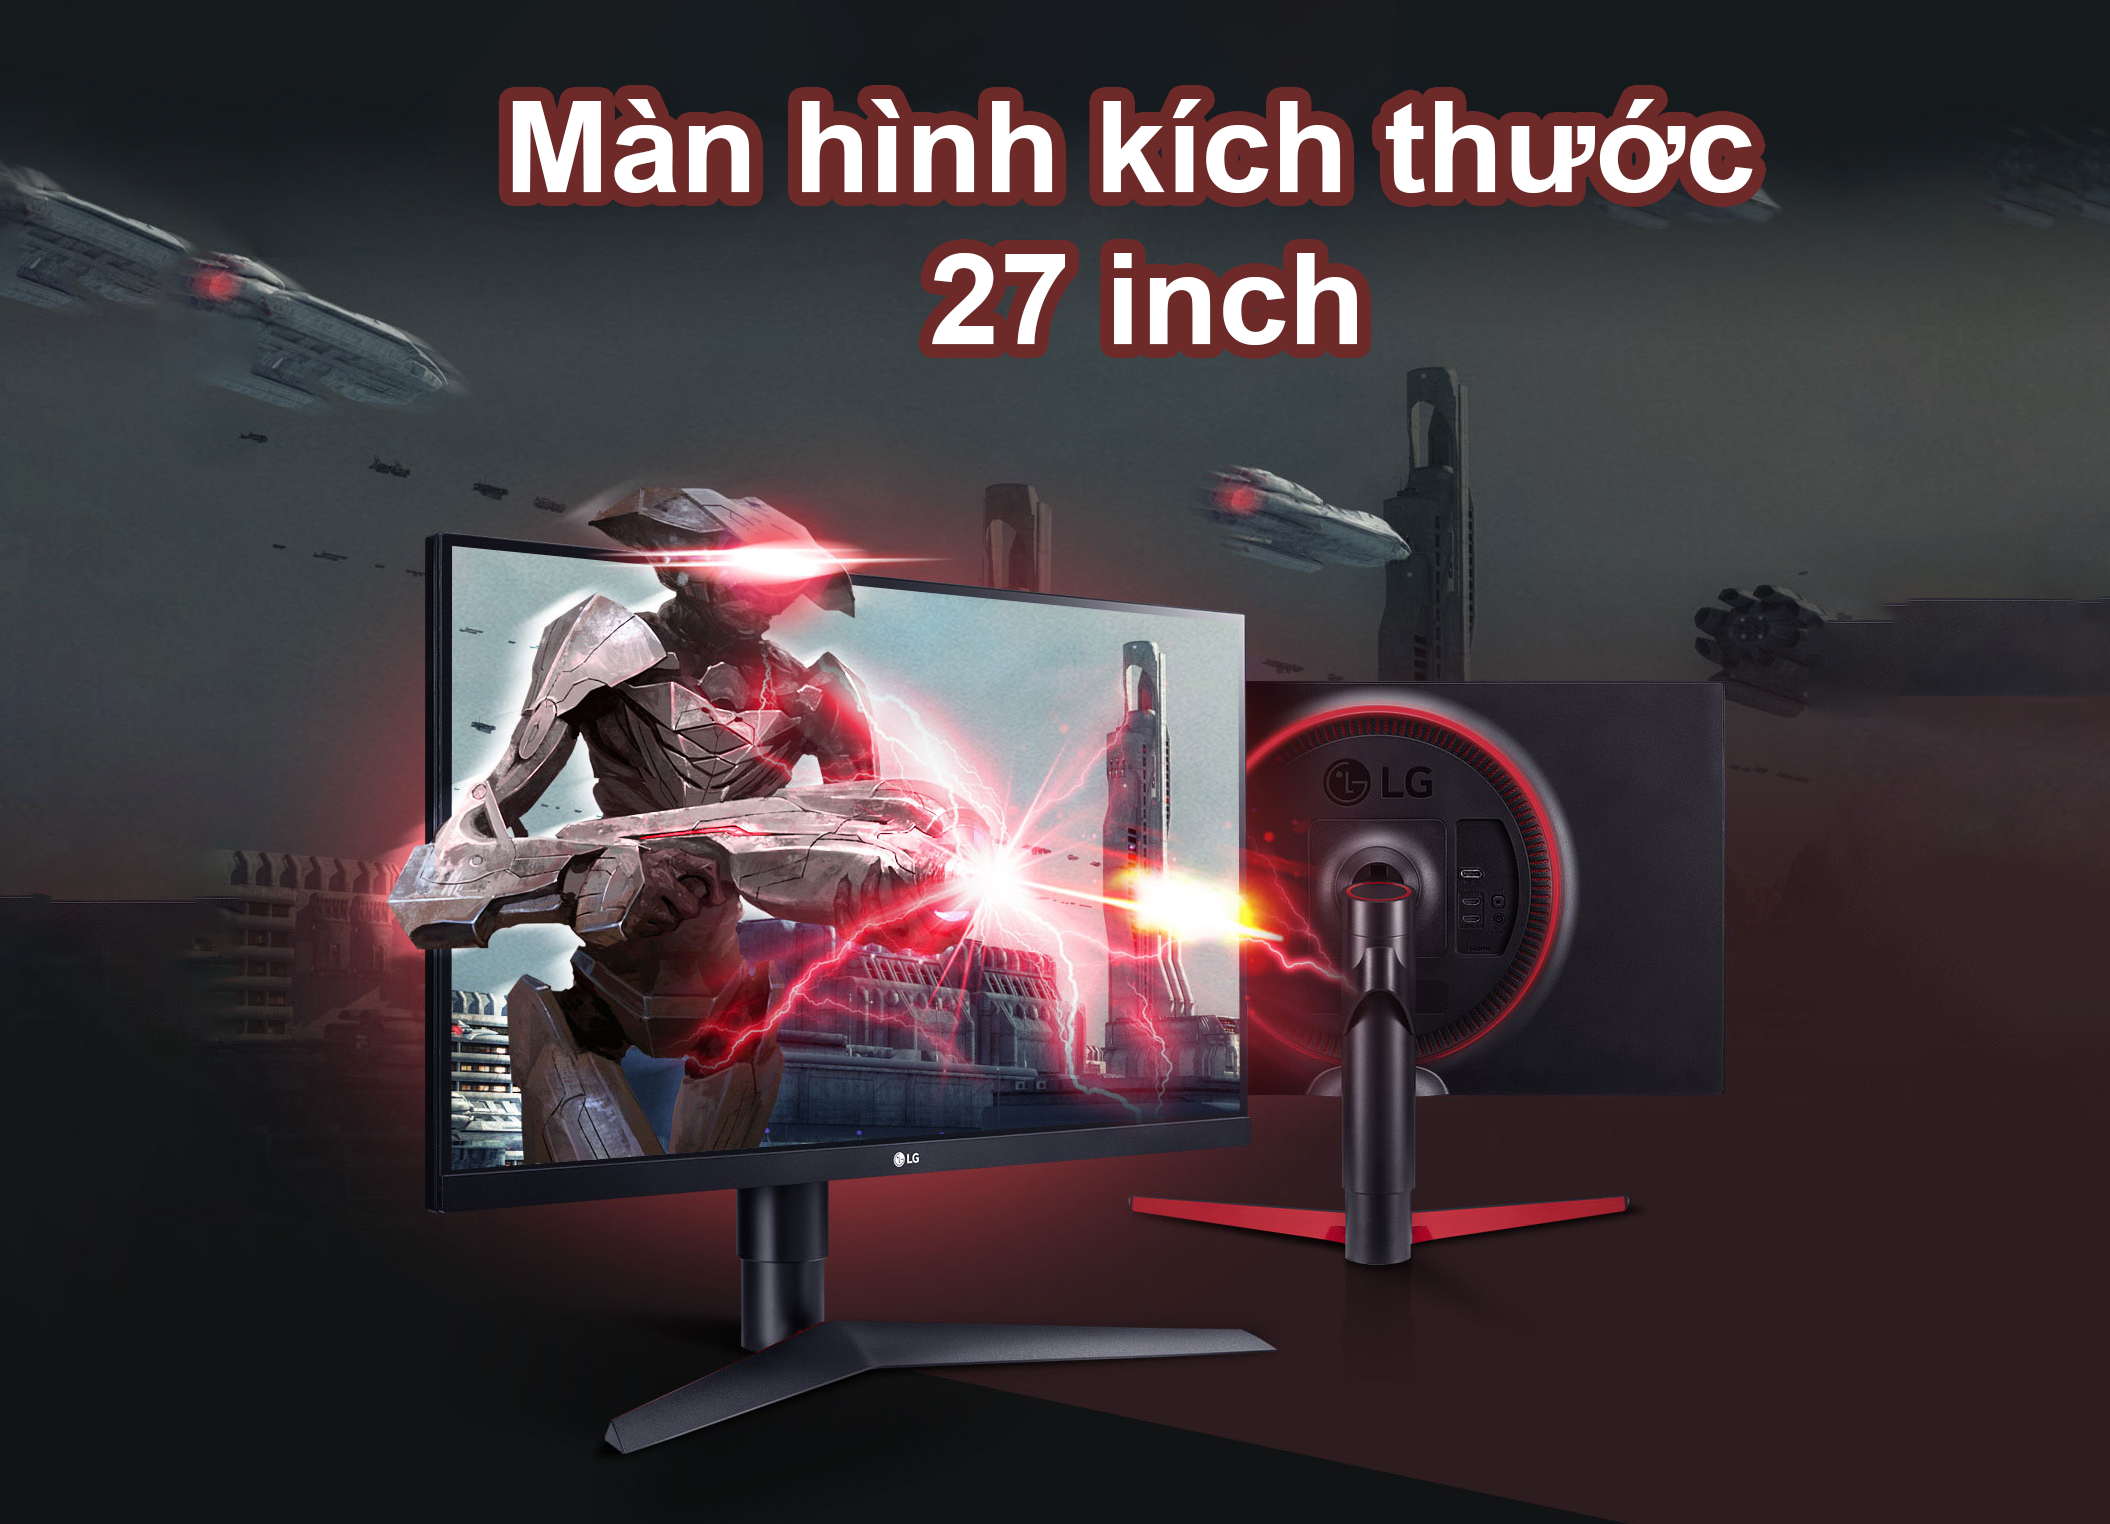 LG 27 inch 27GL650F-B.ATV | màn hình kích thước 27 inch